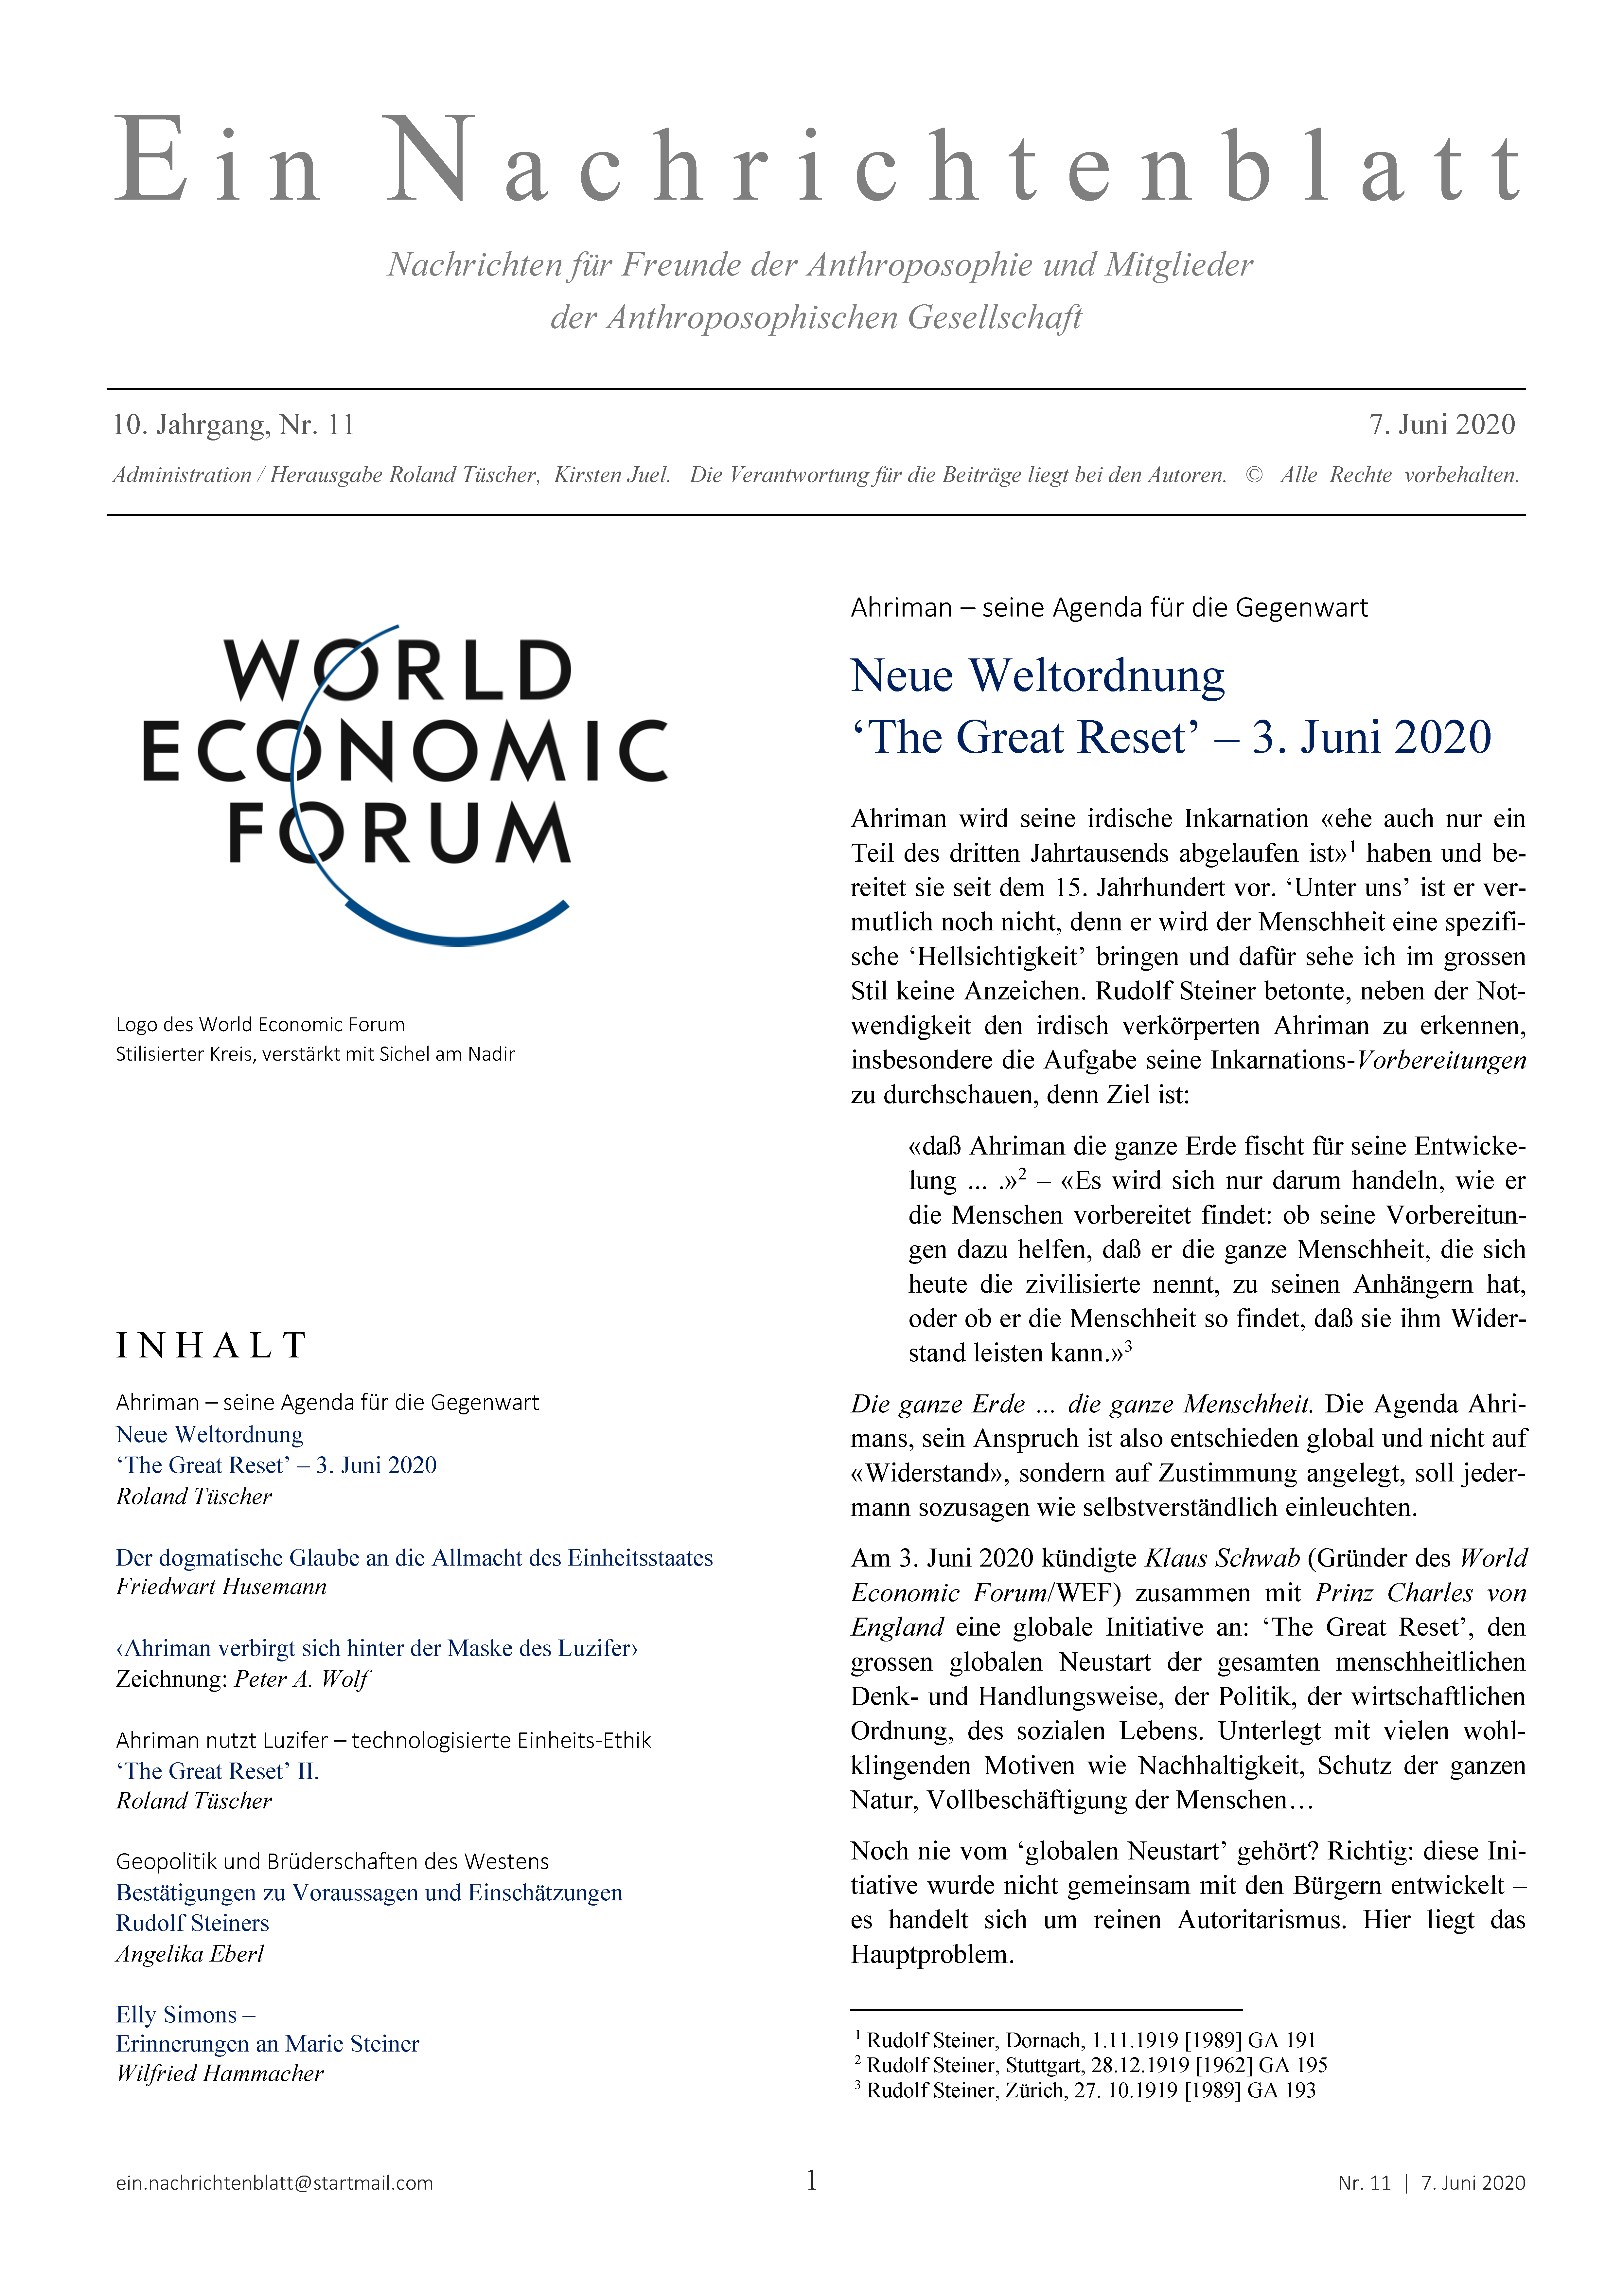 Ein Nachrichtenblatt Nr. 11 2020 (Druckausgabe)